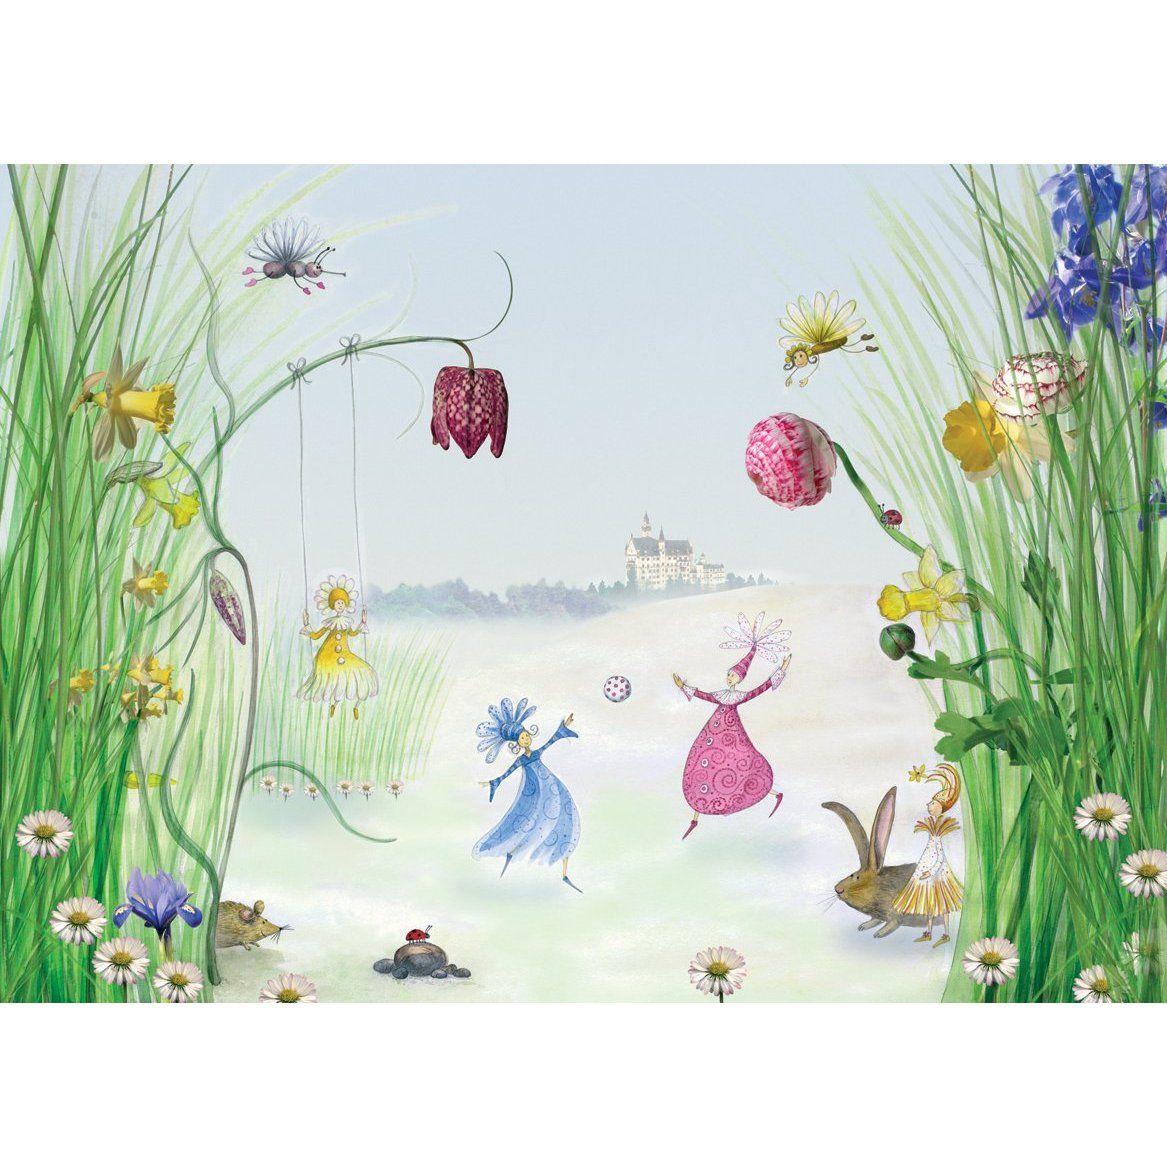 Fototapete Princess Kinder FT0014 254x184 Gemischt: Amazon.de ...